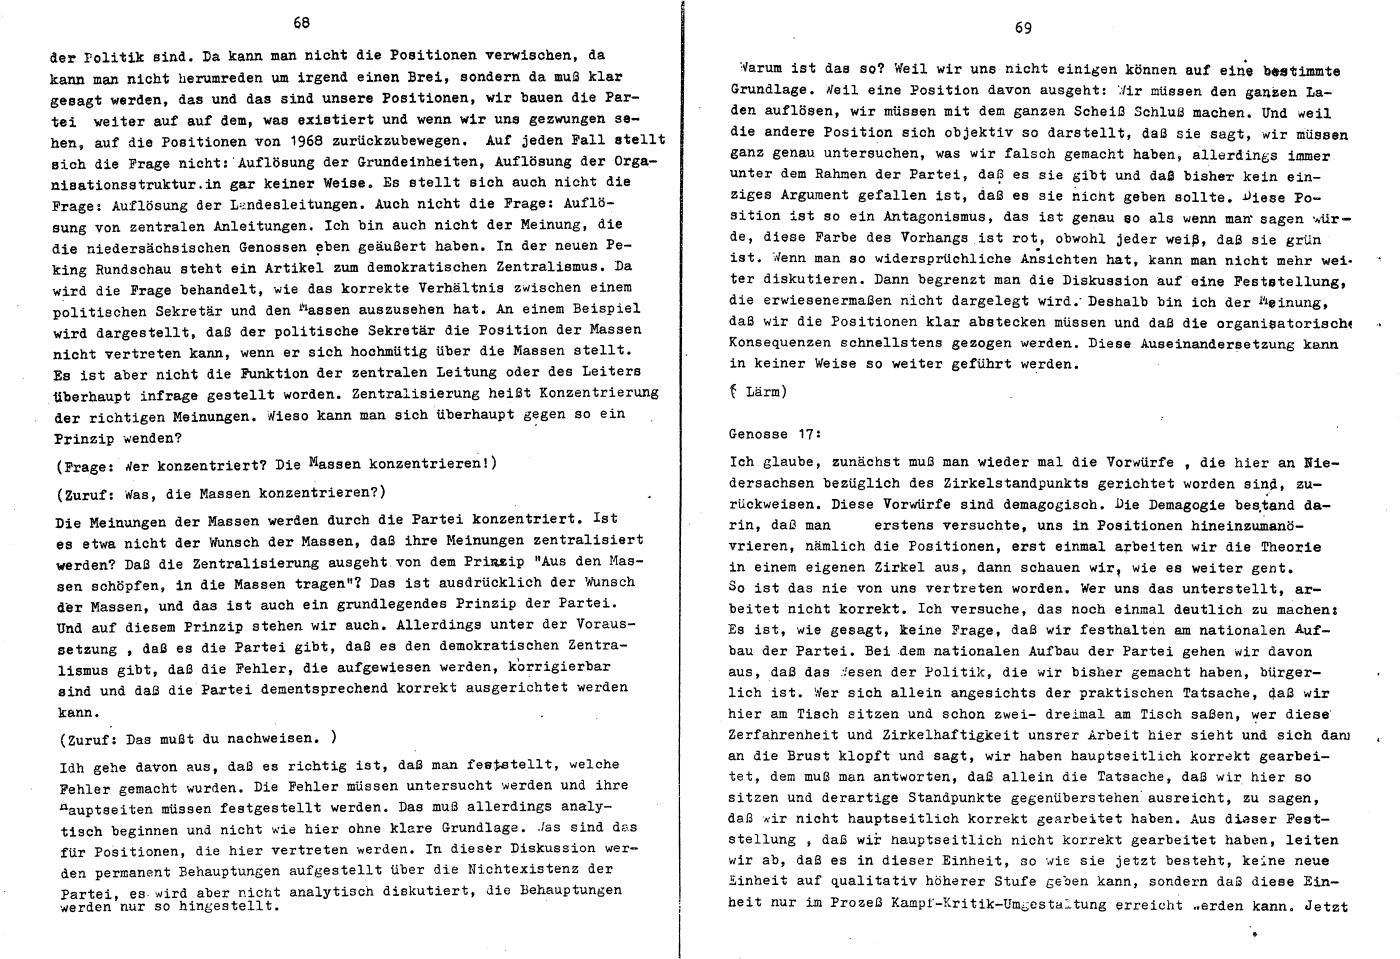 KPDML_1971_Wortprotokolle_aoPt_023